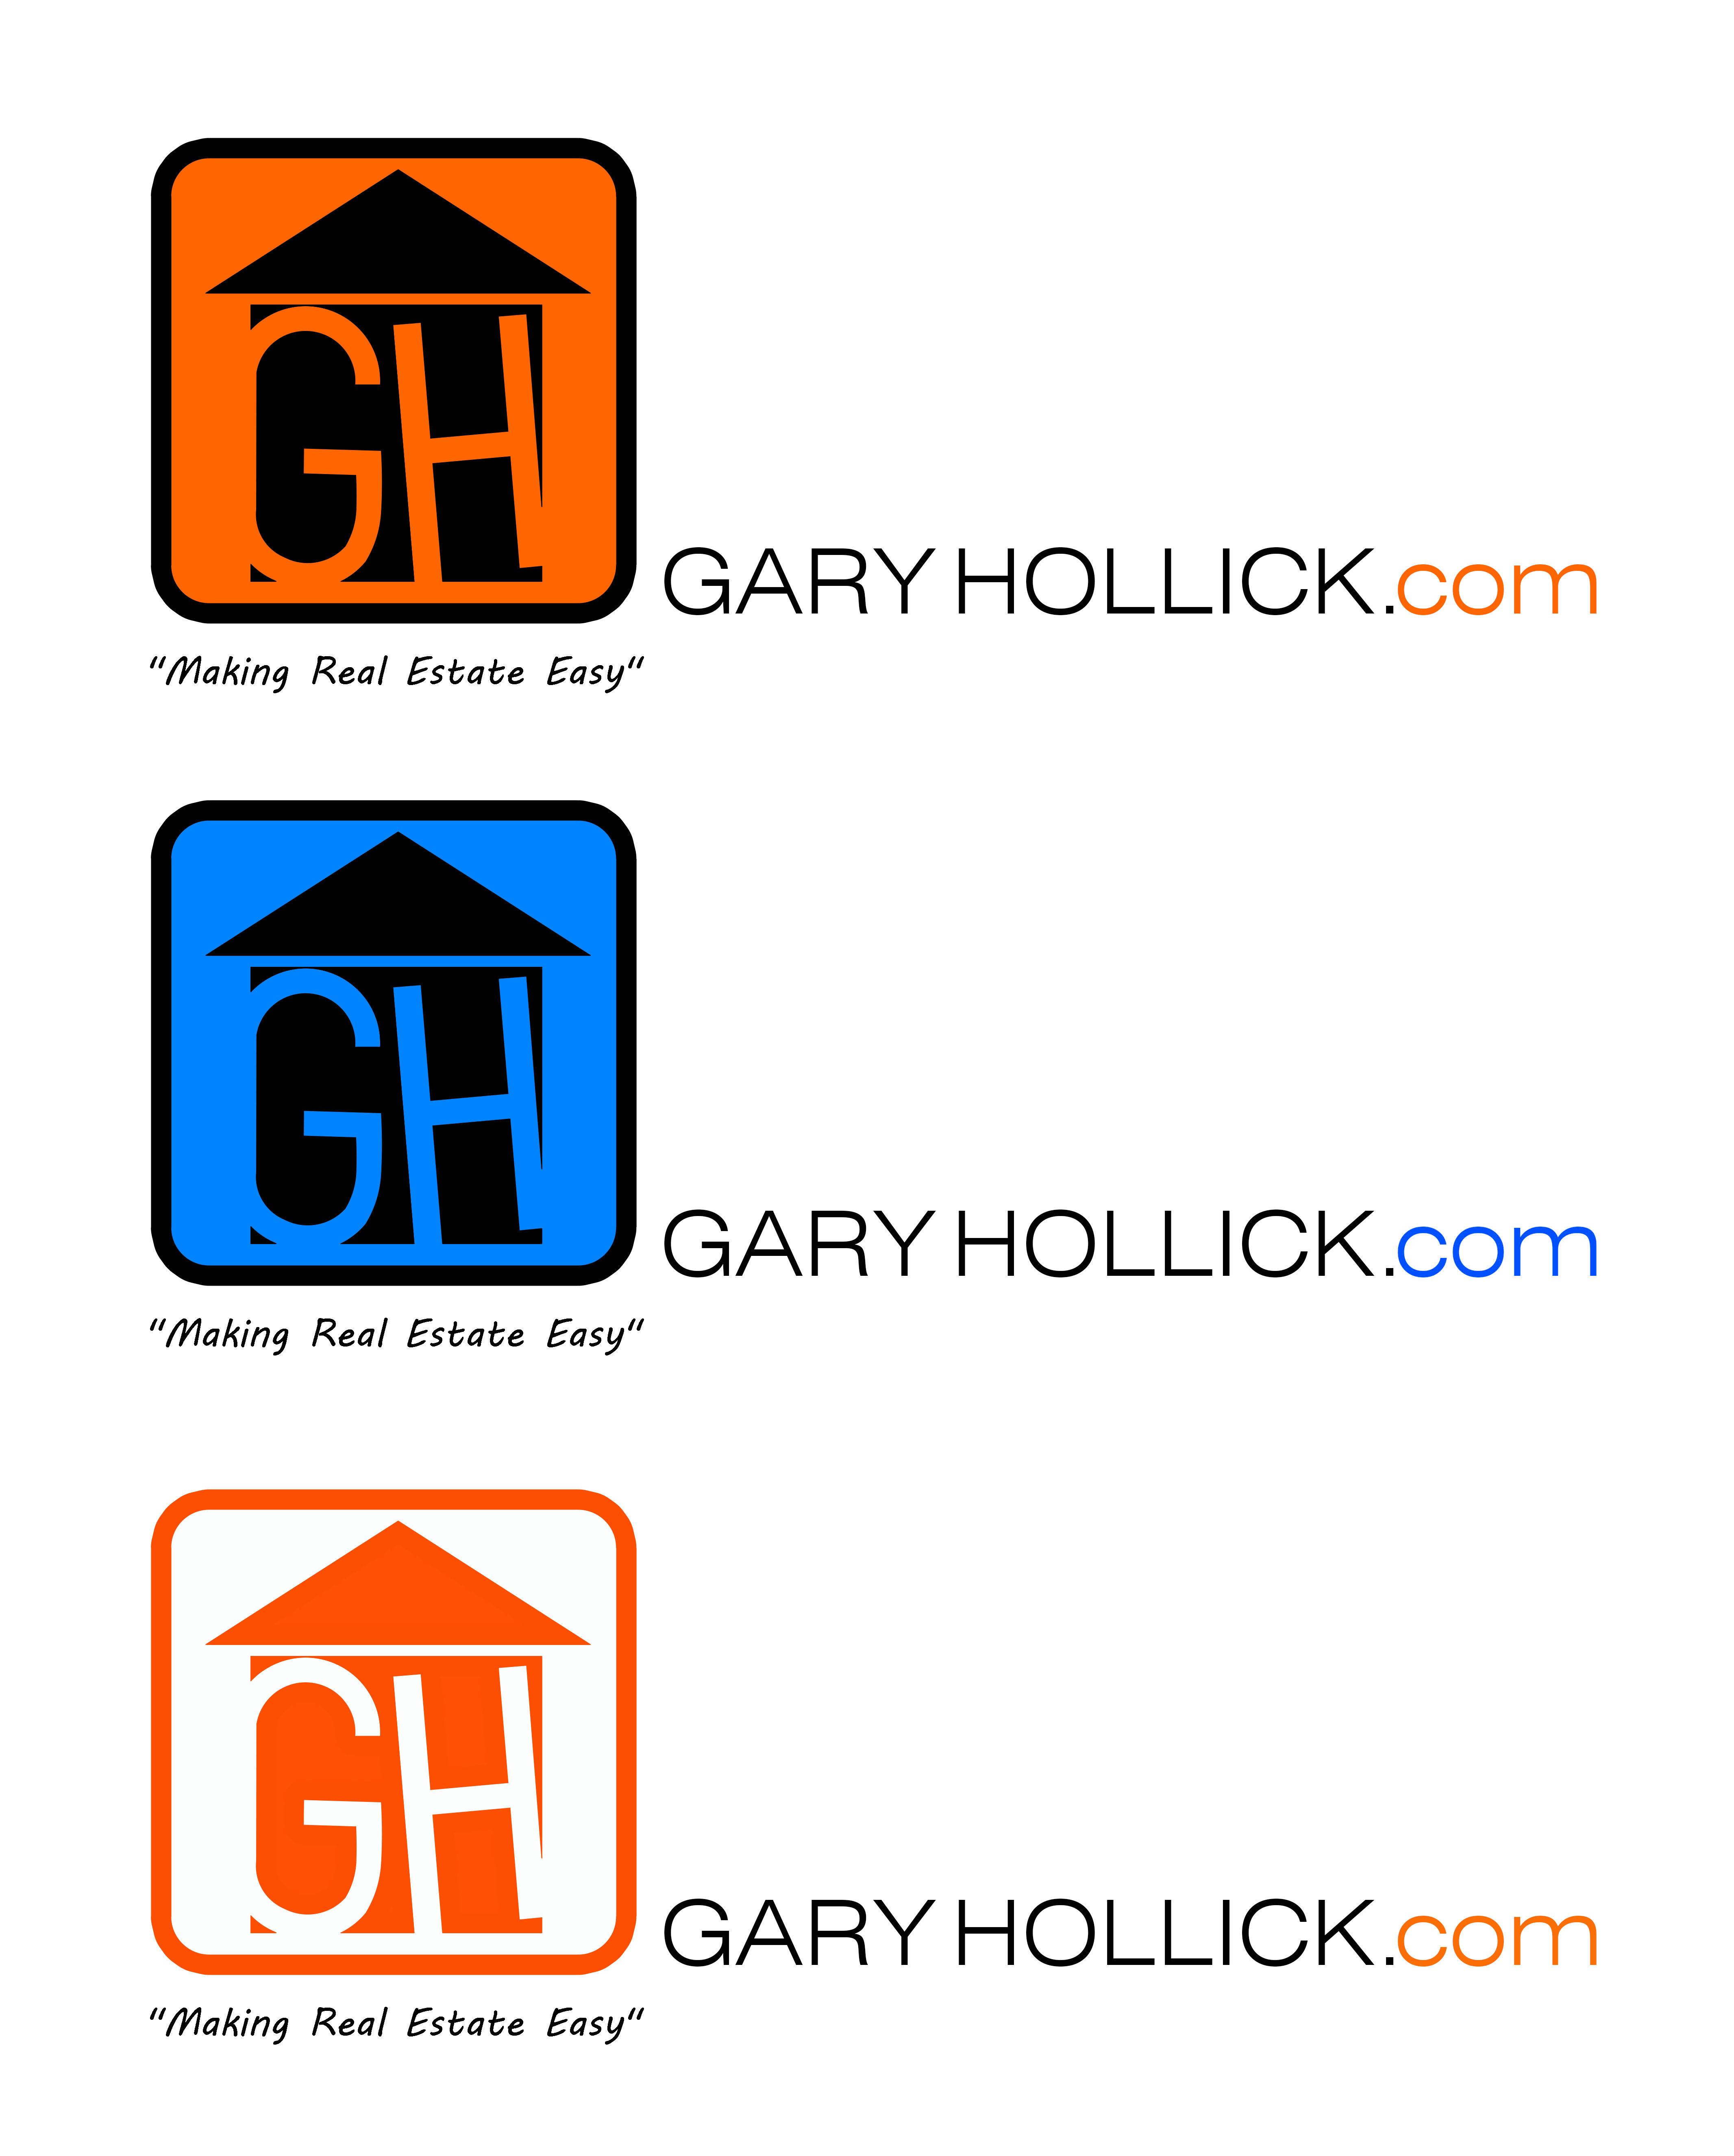 Logo Design by JSDESIGNGROUP - Entry No. 57 in the Logo Design Contest New Logo Design for GaryHollick.com.